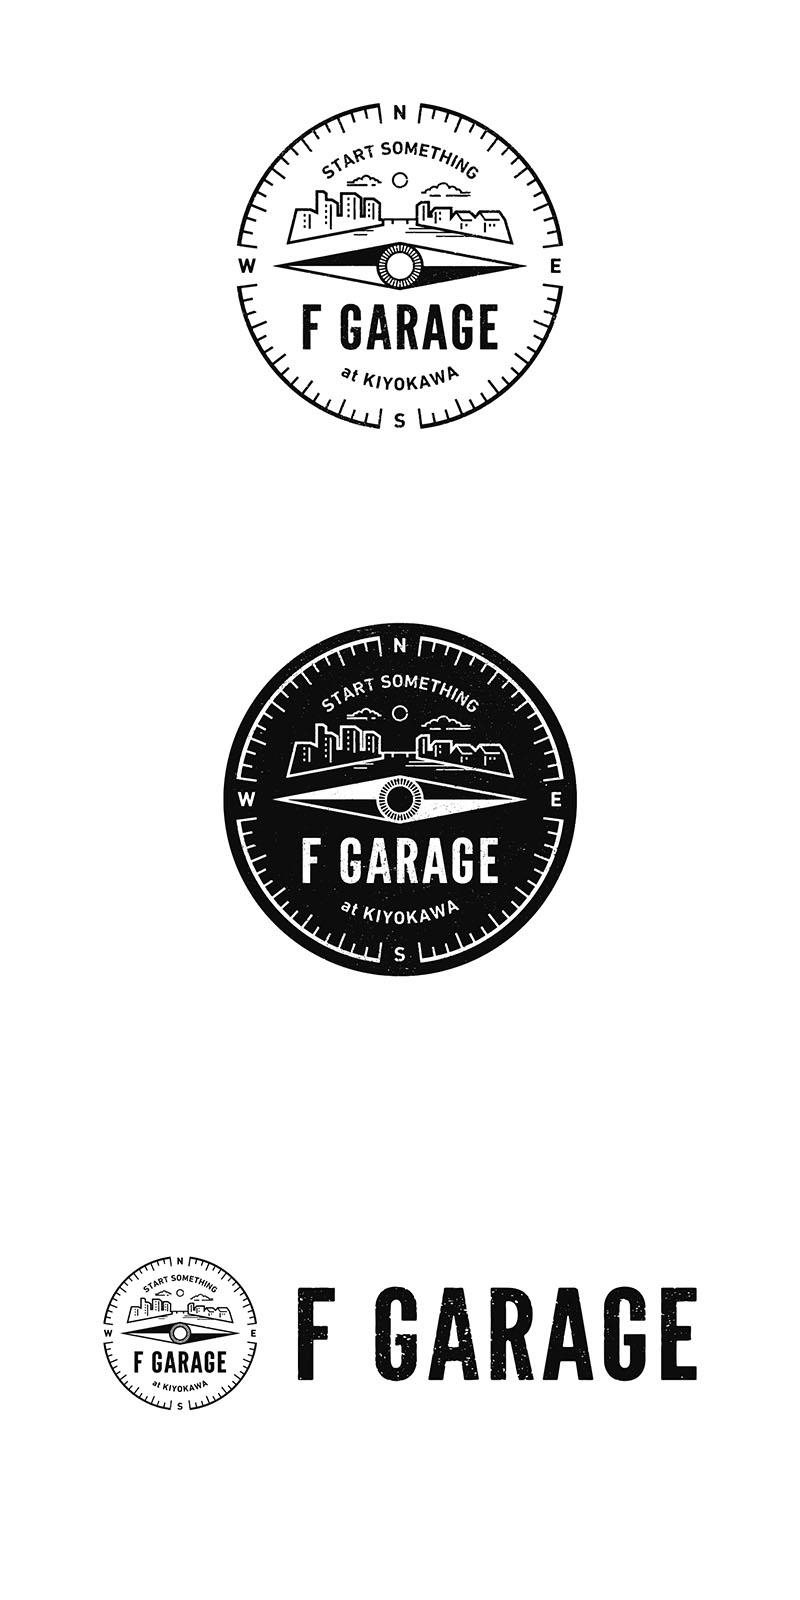 fgarage_rogo